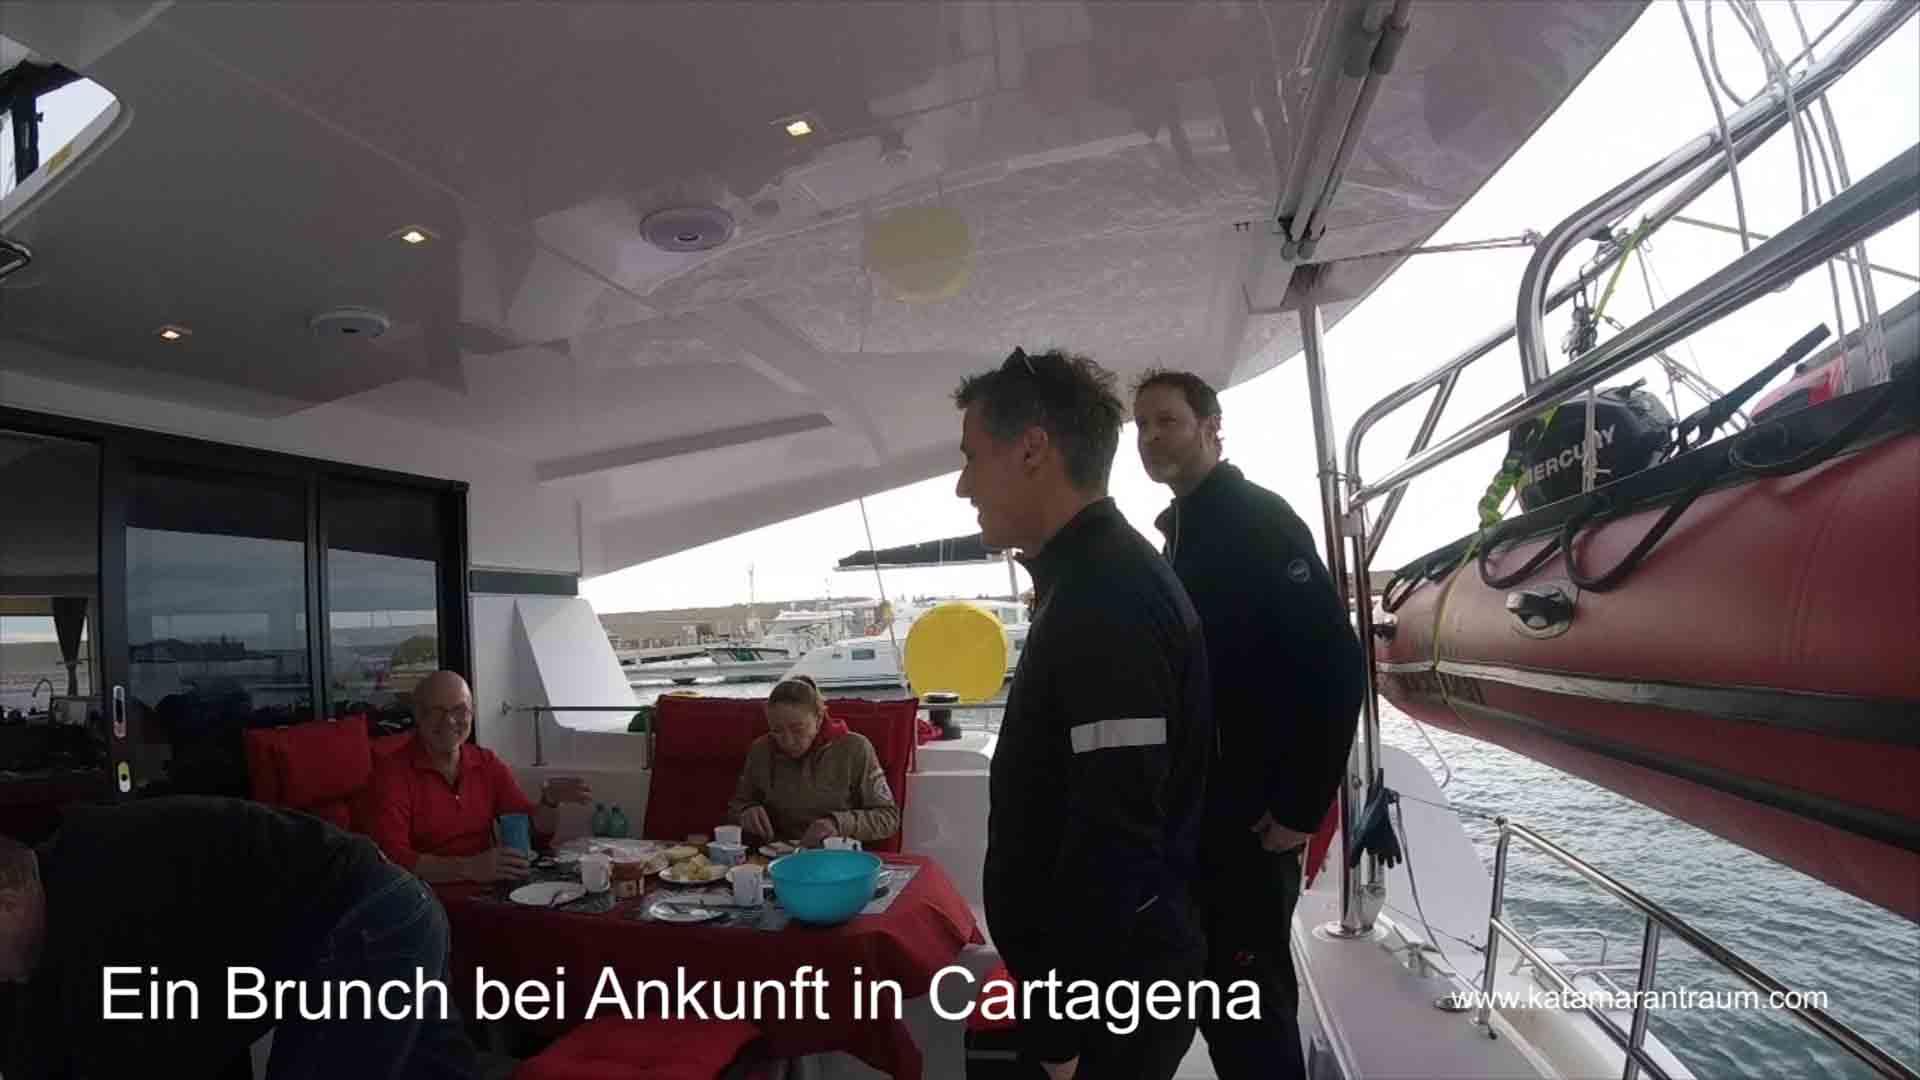 Begrüßung von wiederum neue Hochseesegel - Mitsegeln Gäste Malaga - Ibiza